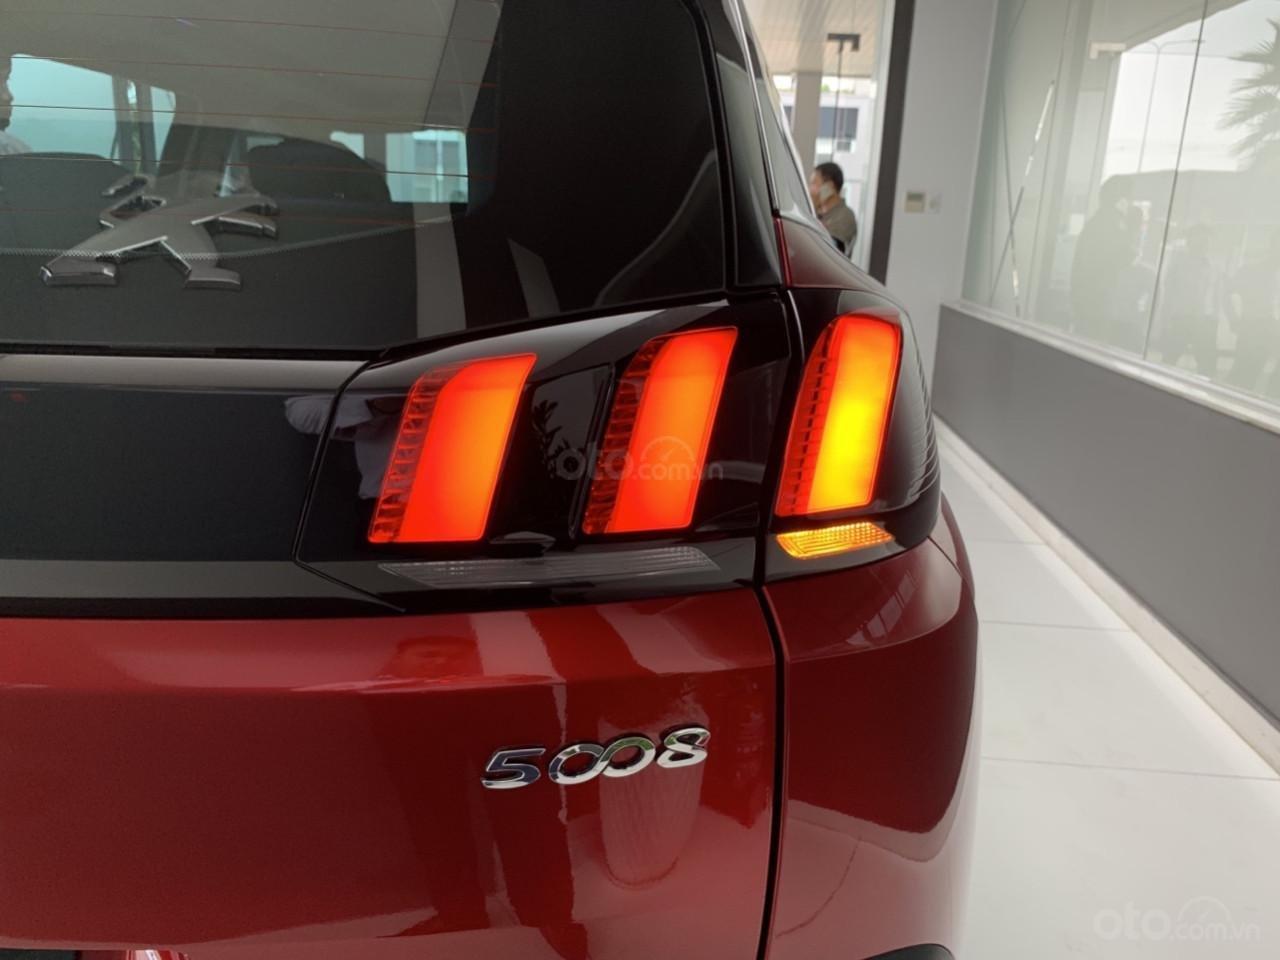 Peugeot 5008 đỏ 2019, chạy lướt, mới lăn bánh 57km, chạy dc 2 ngày, cần thanh lý (3)